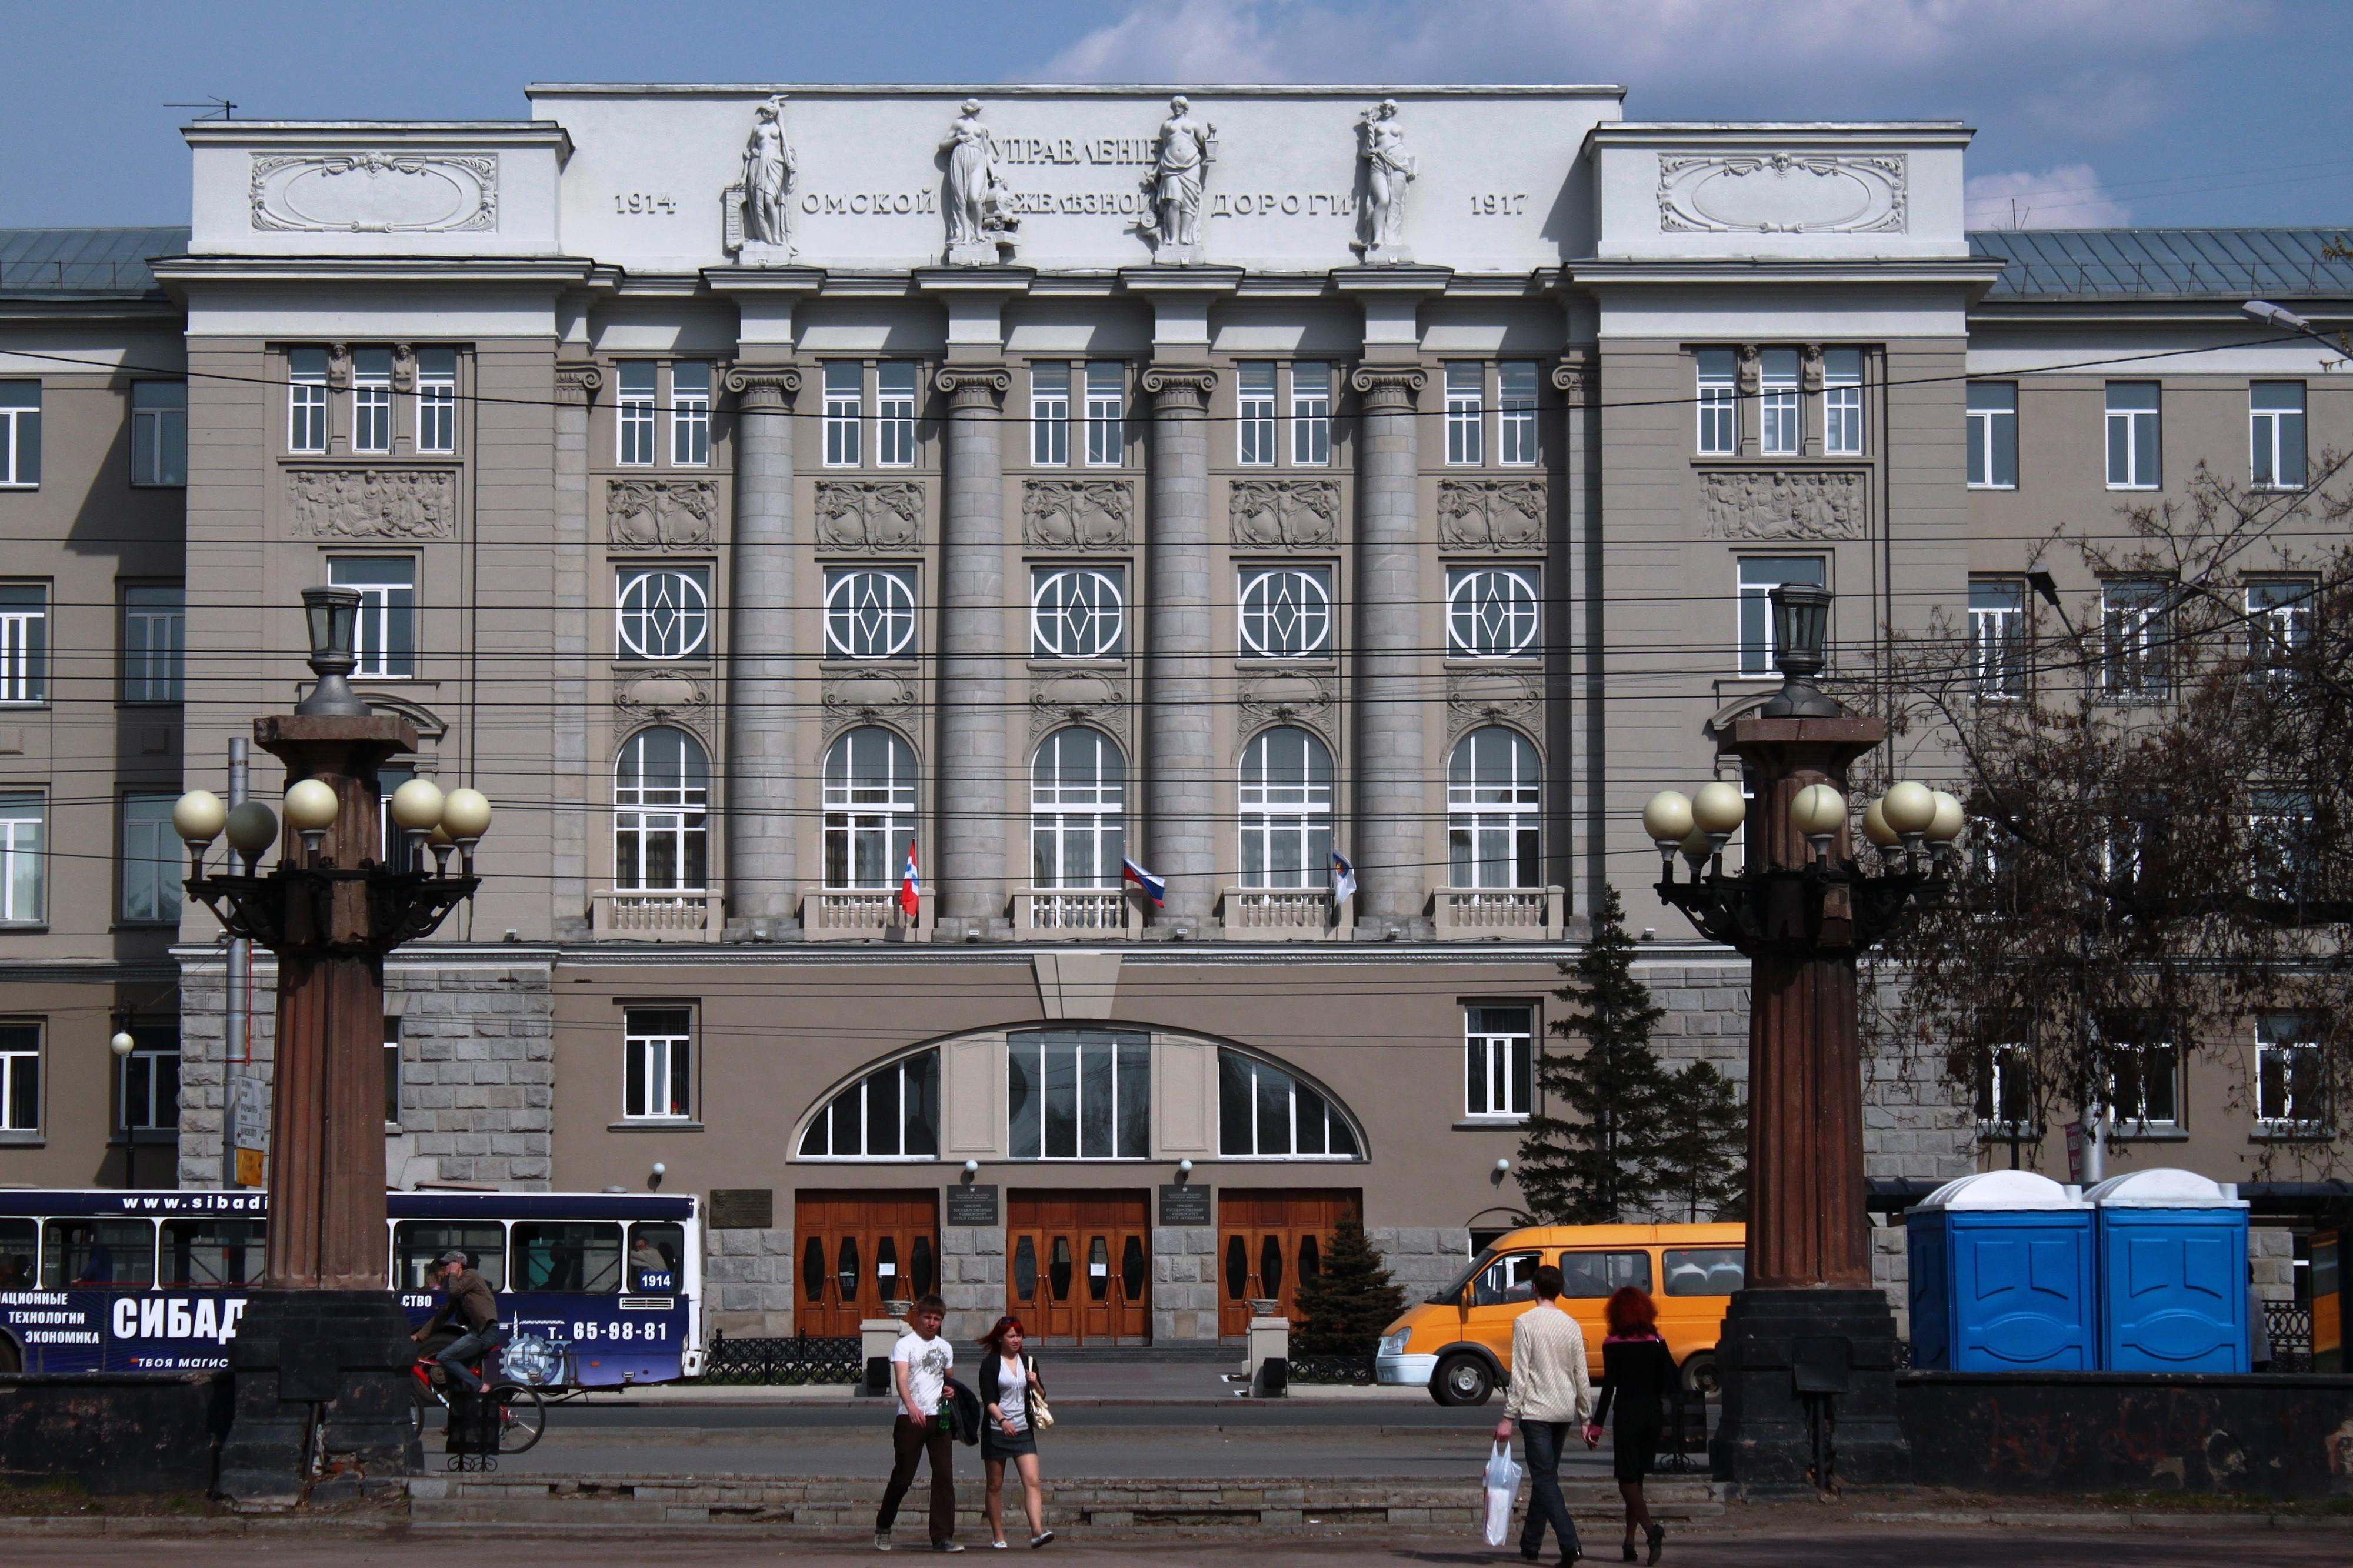 Omskiy-Gosudarstvennyiy-Universitet-Putey-Soobshheniya-4000x2666.jpg